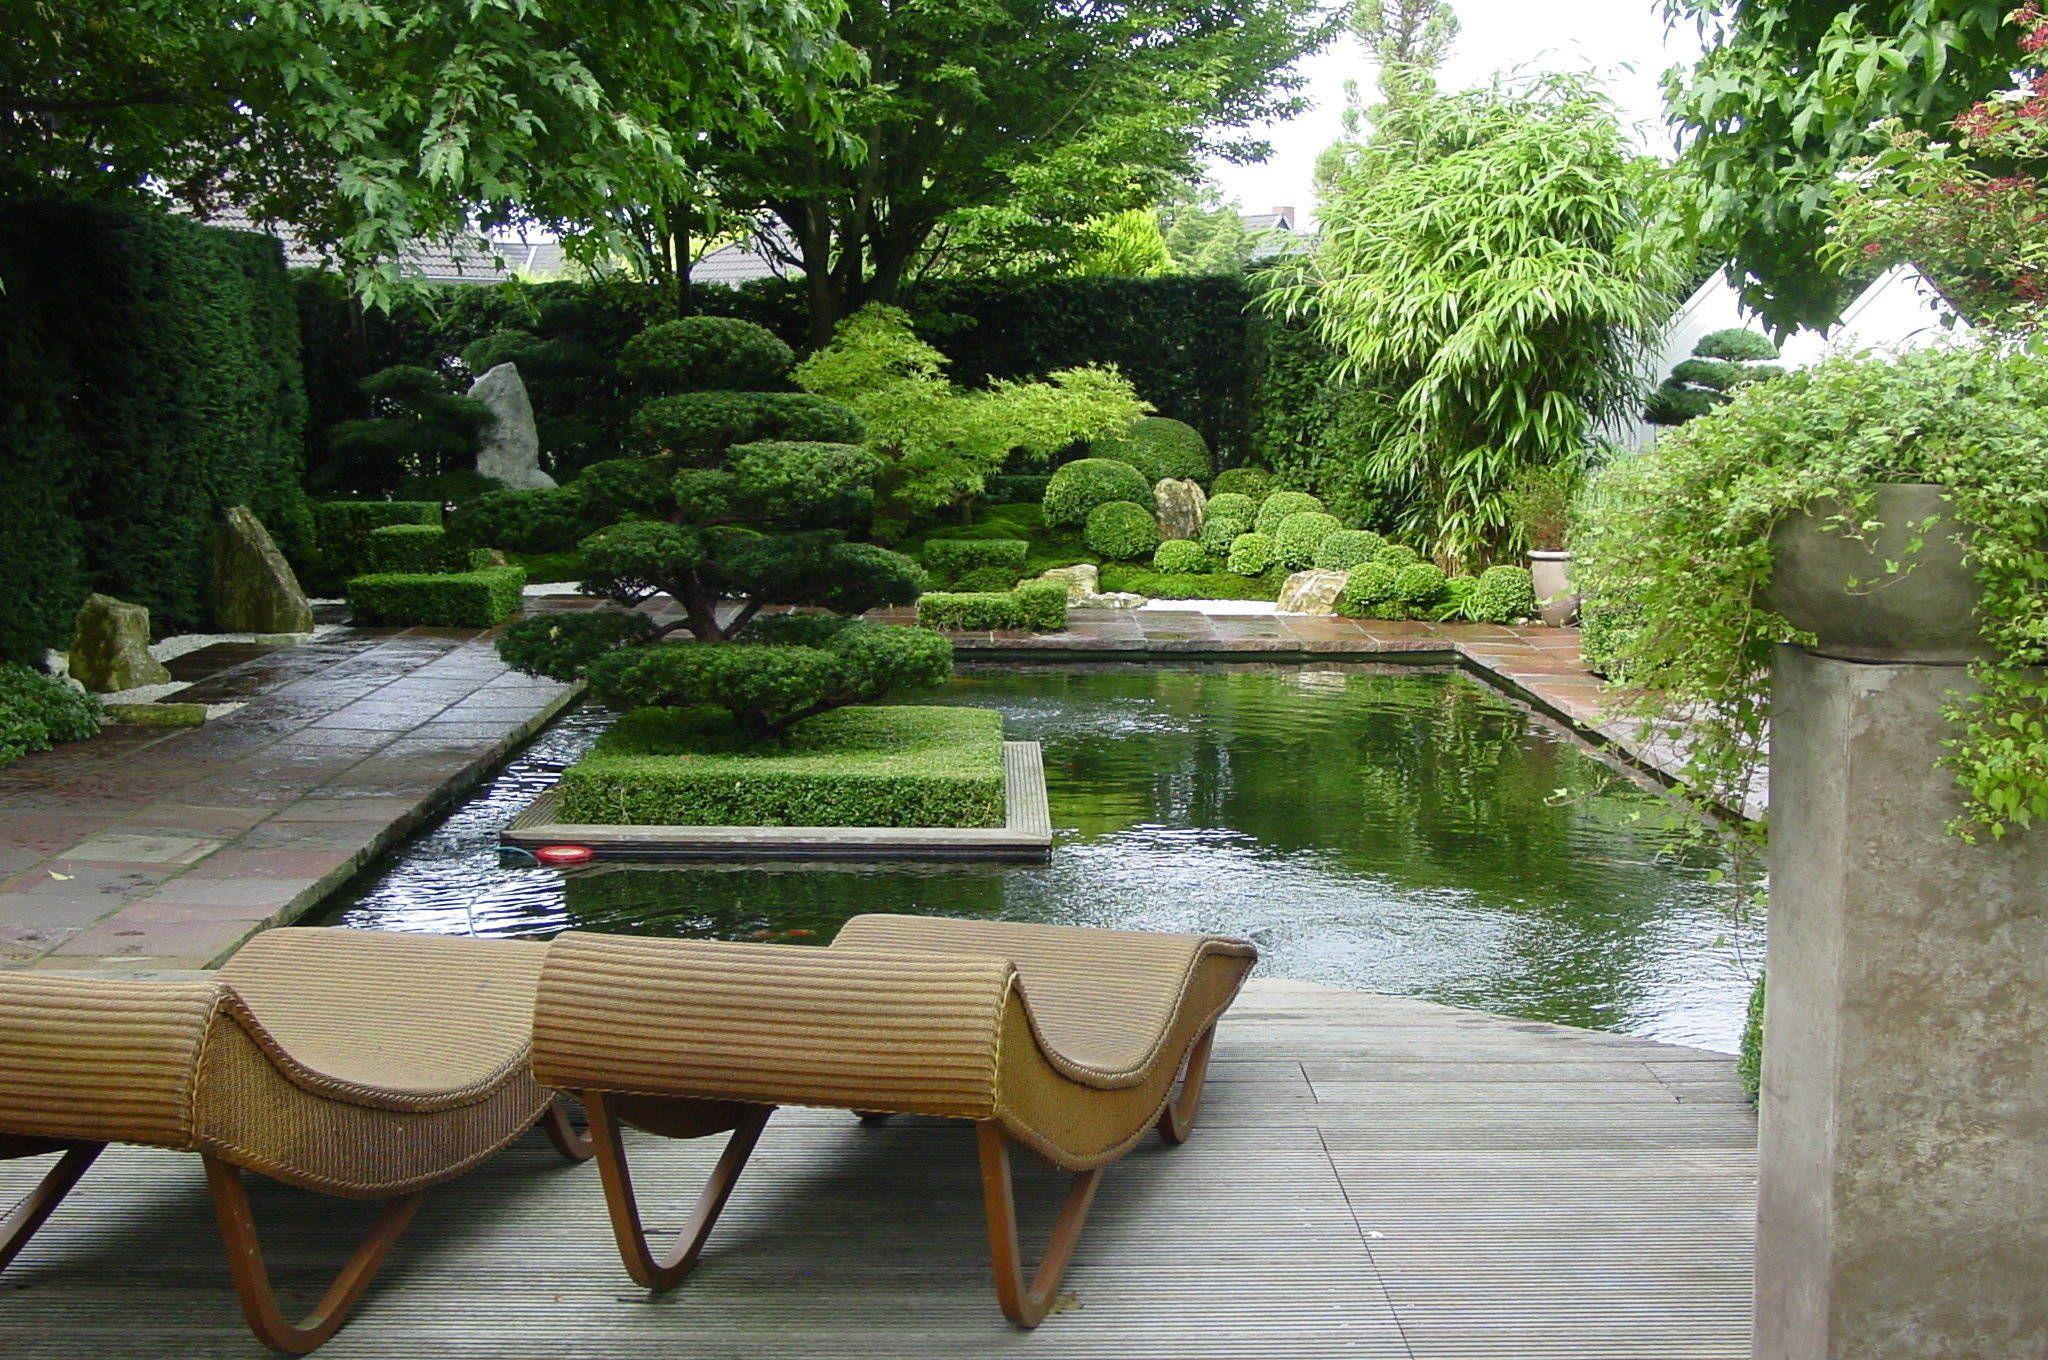 Asiatischer garten deko  Asiatischer Garten Bilder: Japangarten mit Koiteich in Bremerhaven ...